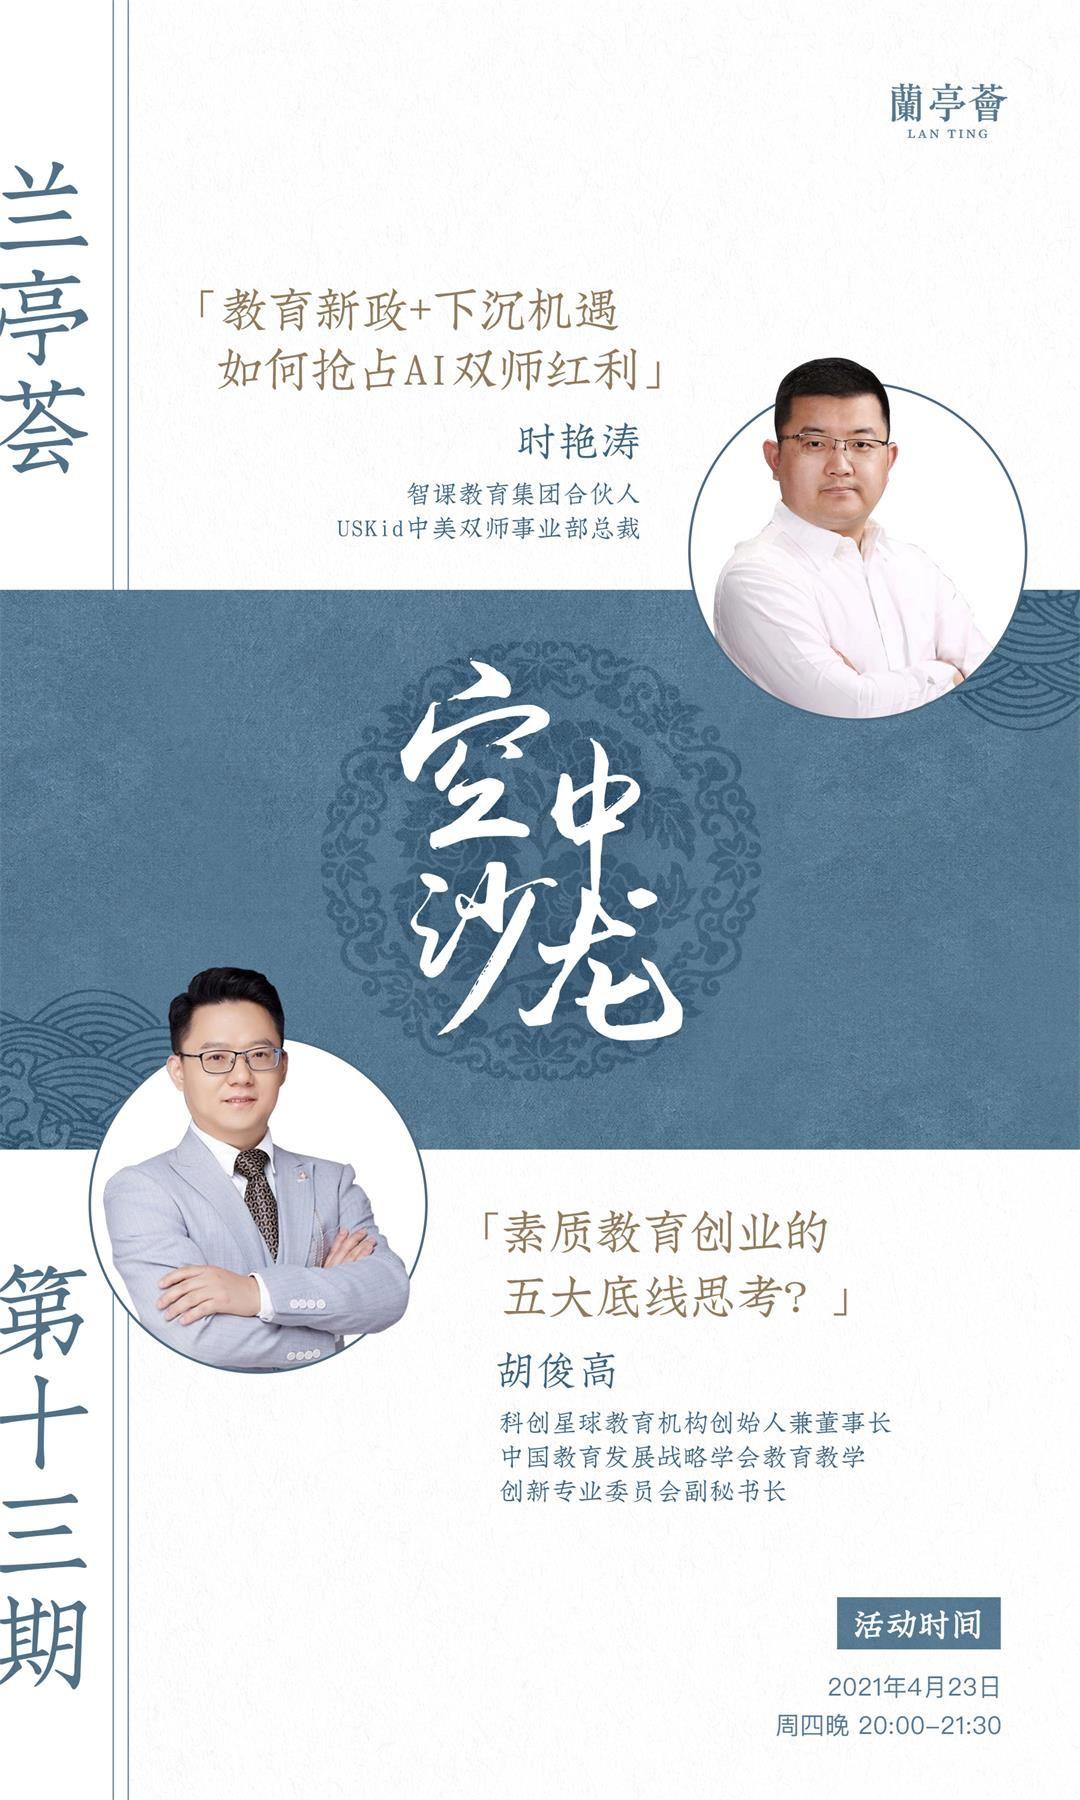 兰亭荟线上沙龙 模板.jpg